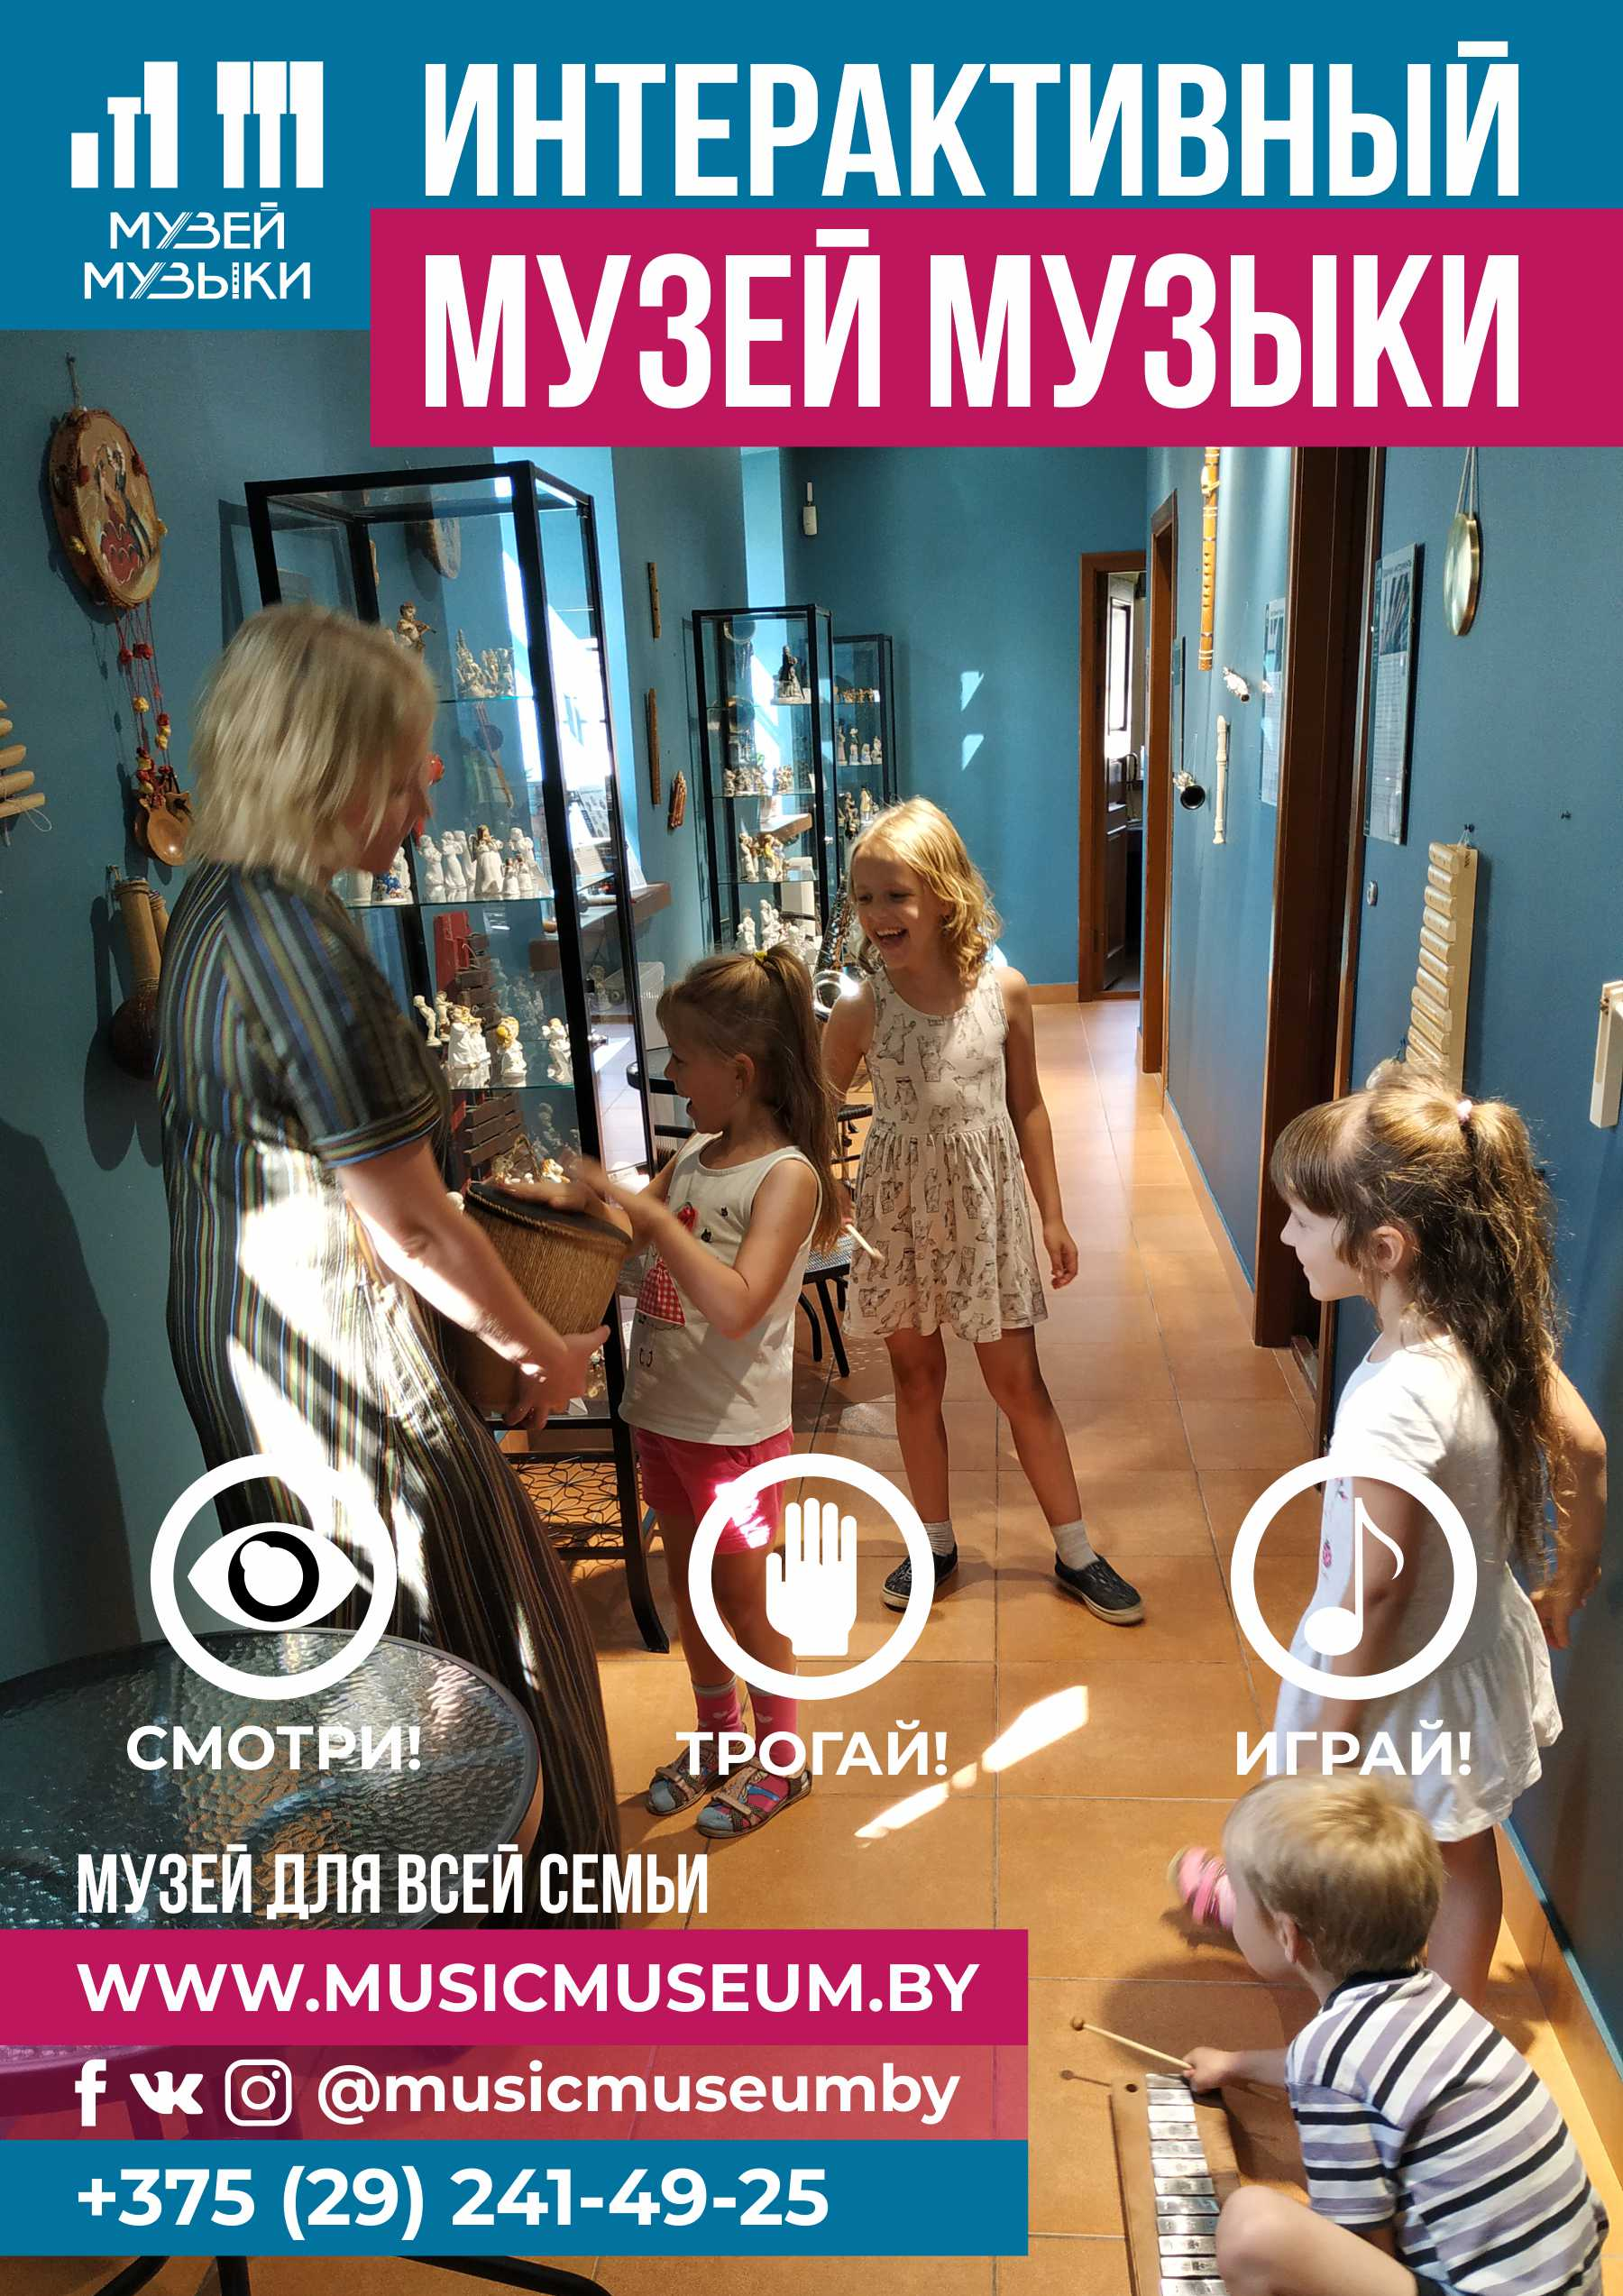 Интерактивный Музей музыки в Минске